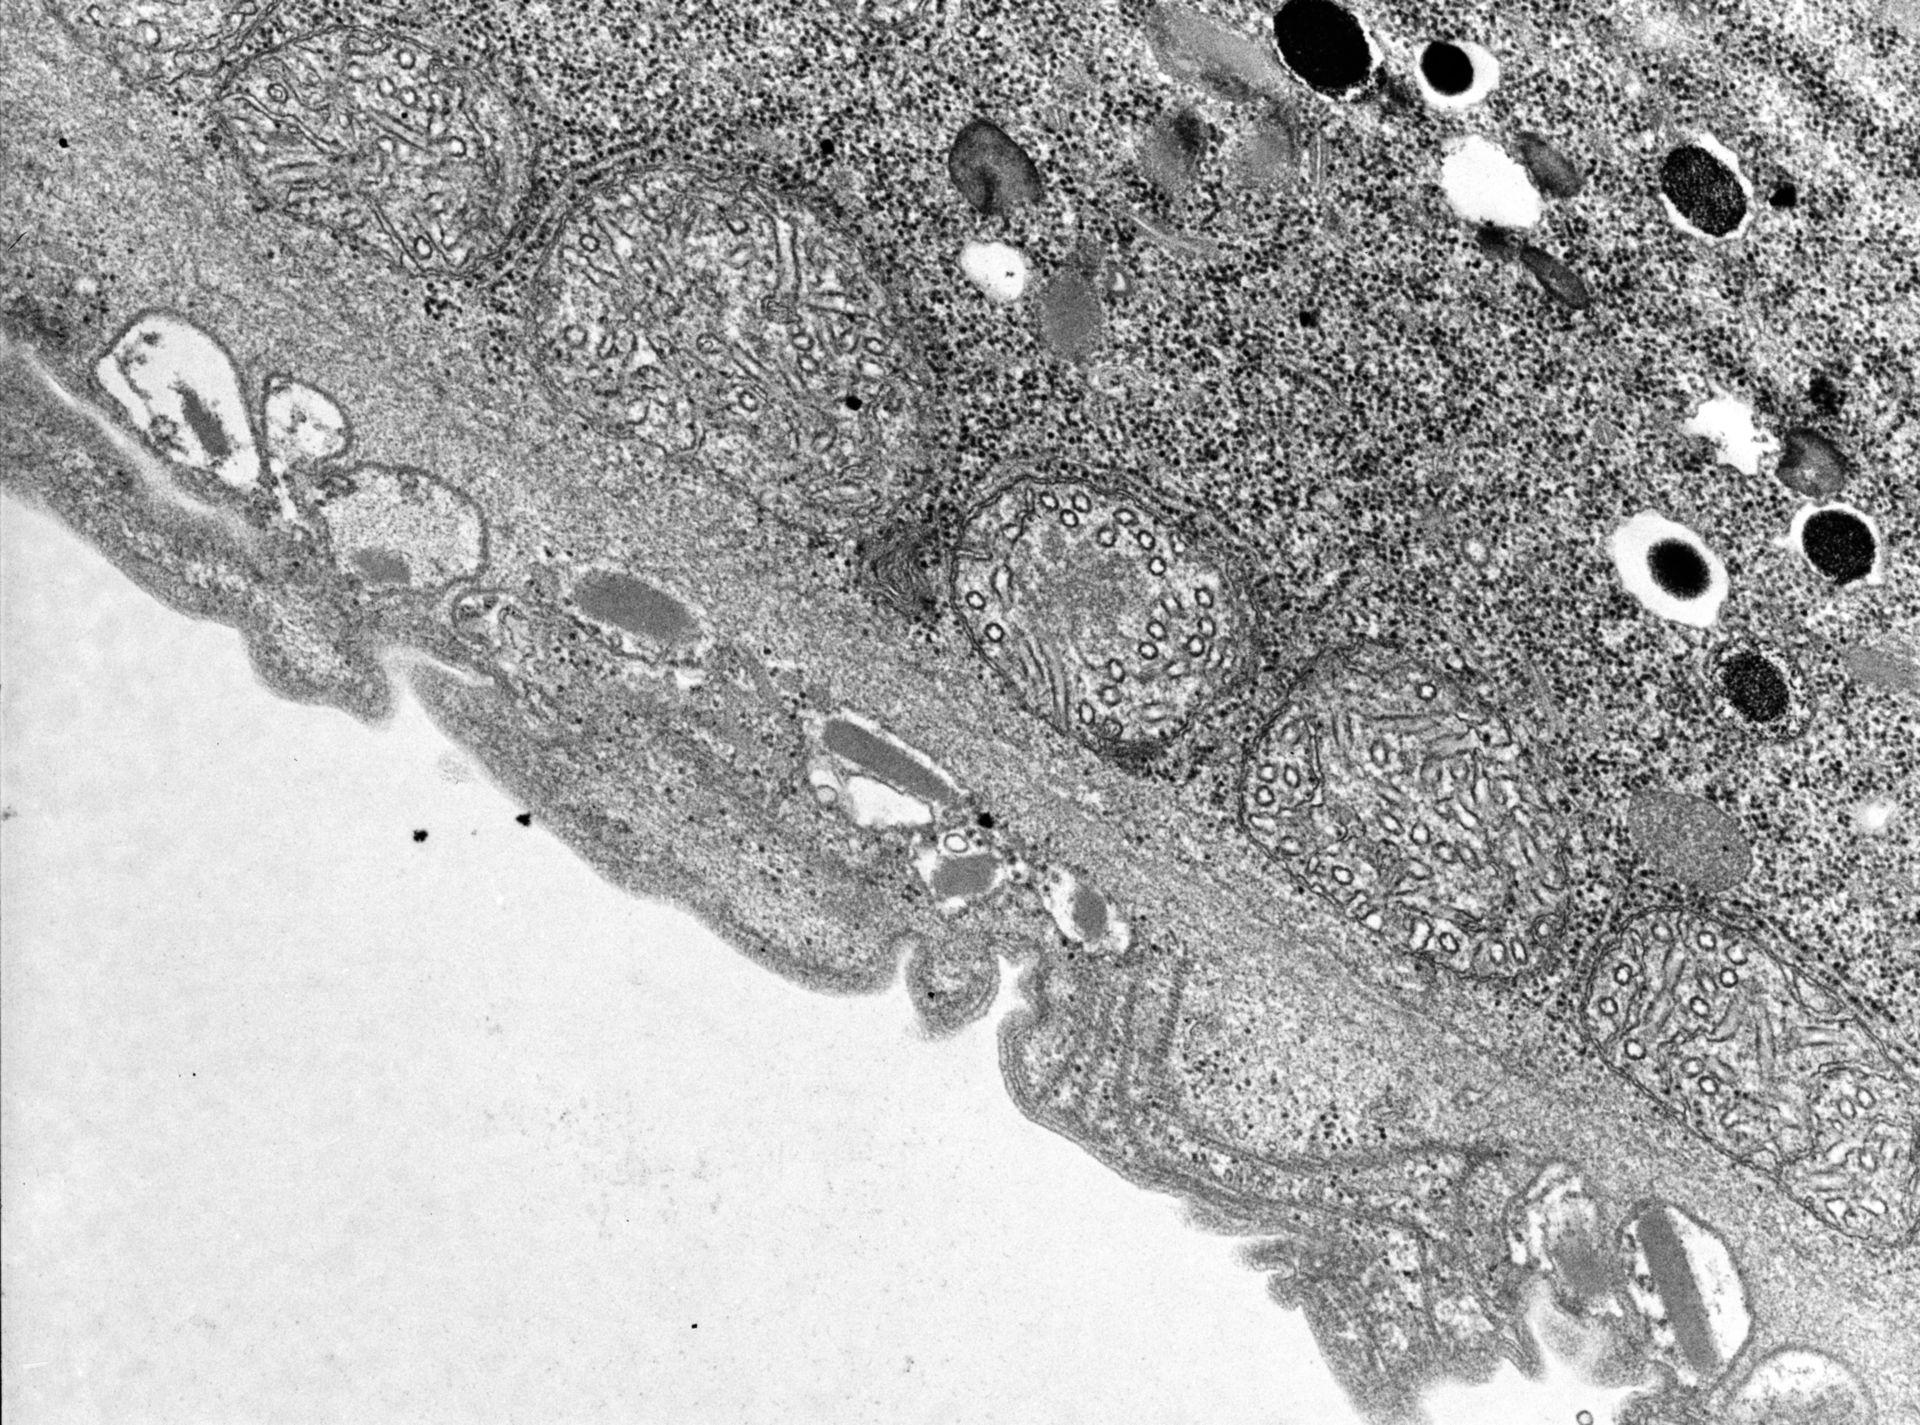 Didinium nasutum (estrusione) - CIL:9928